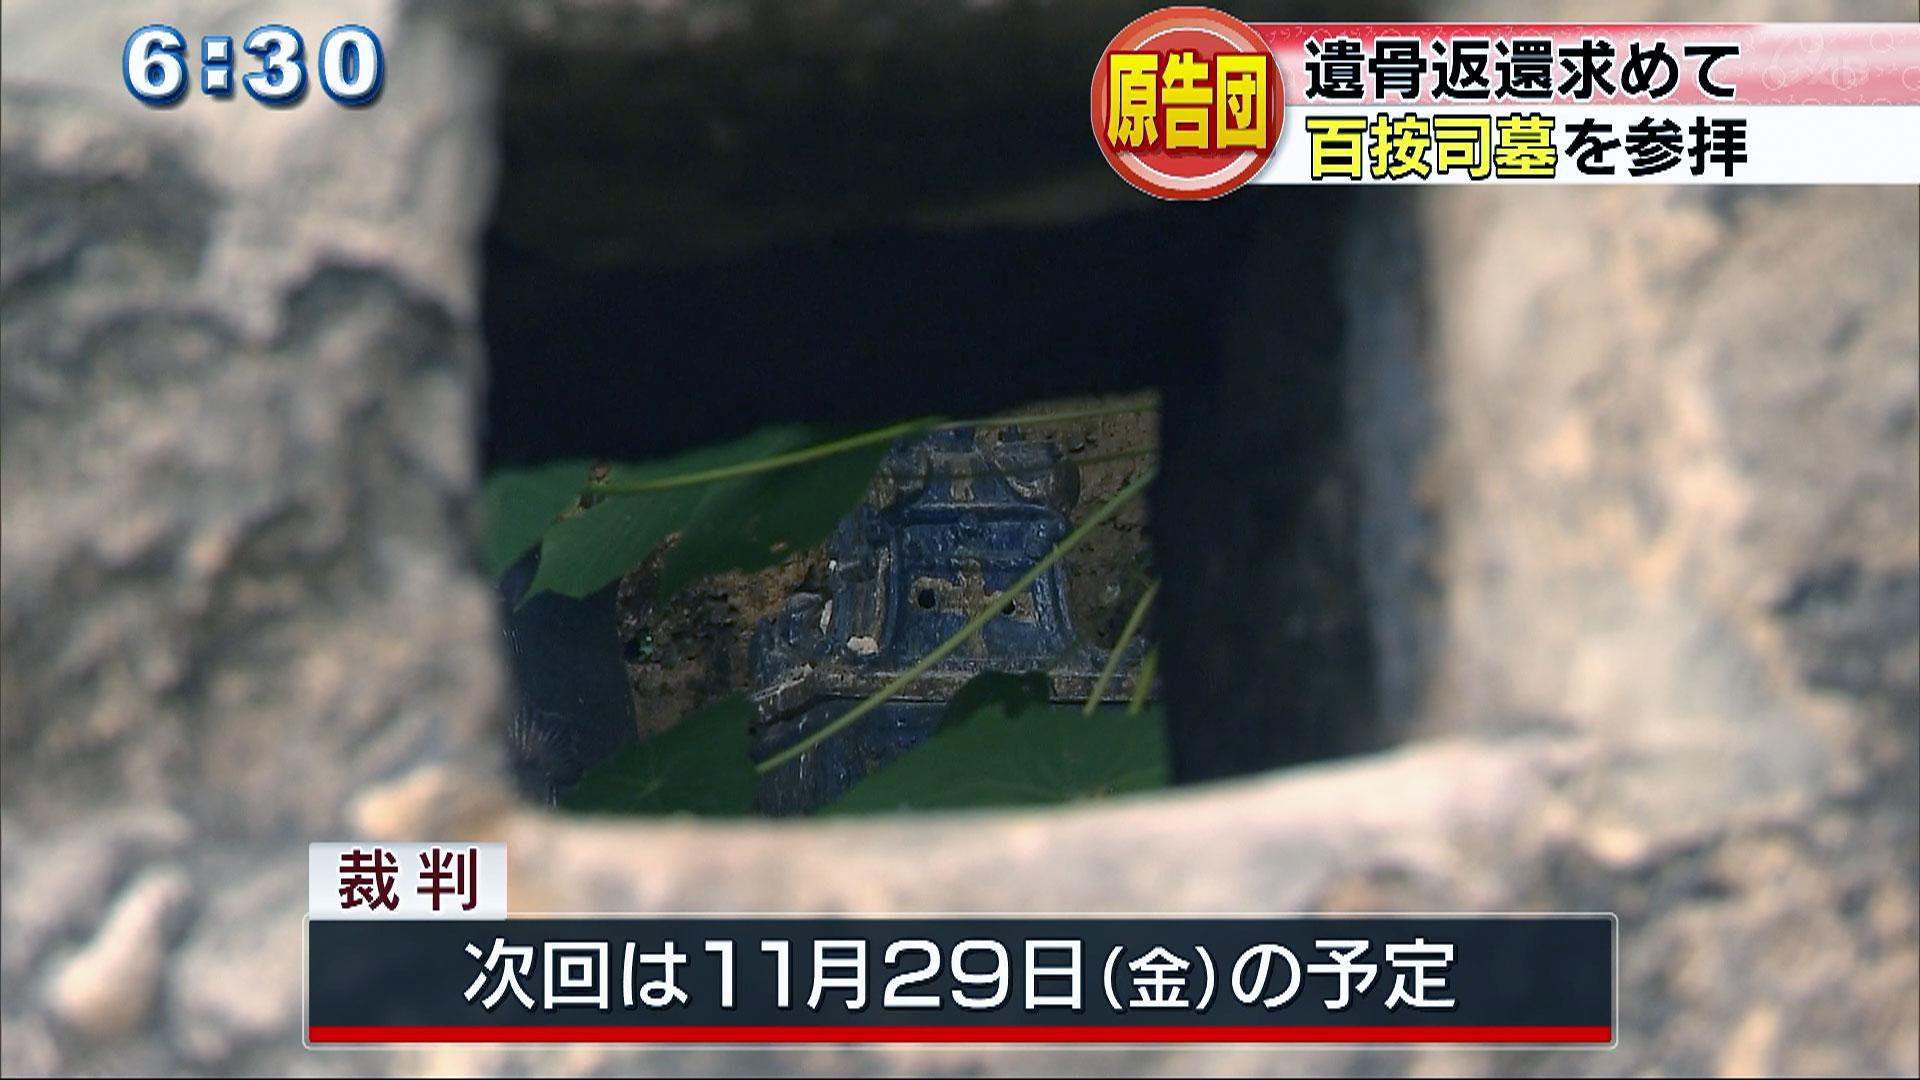 琉球人遺骨返還訴訟 原告団が百按司墓参拝